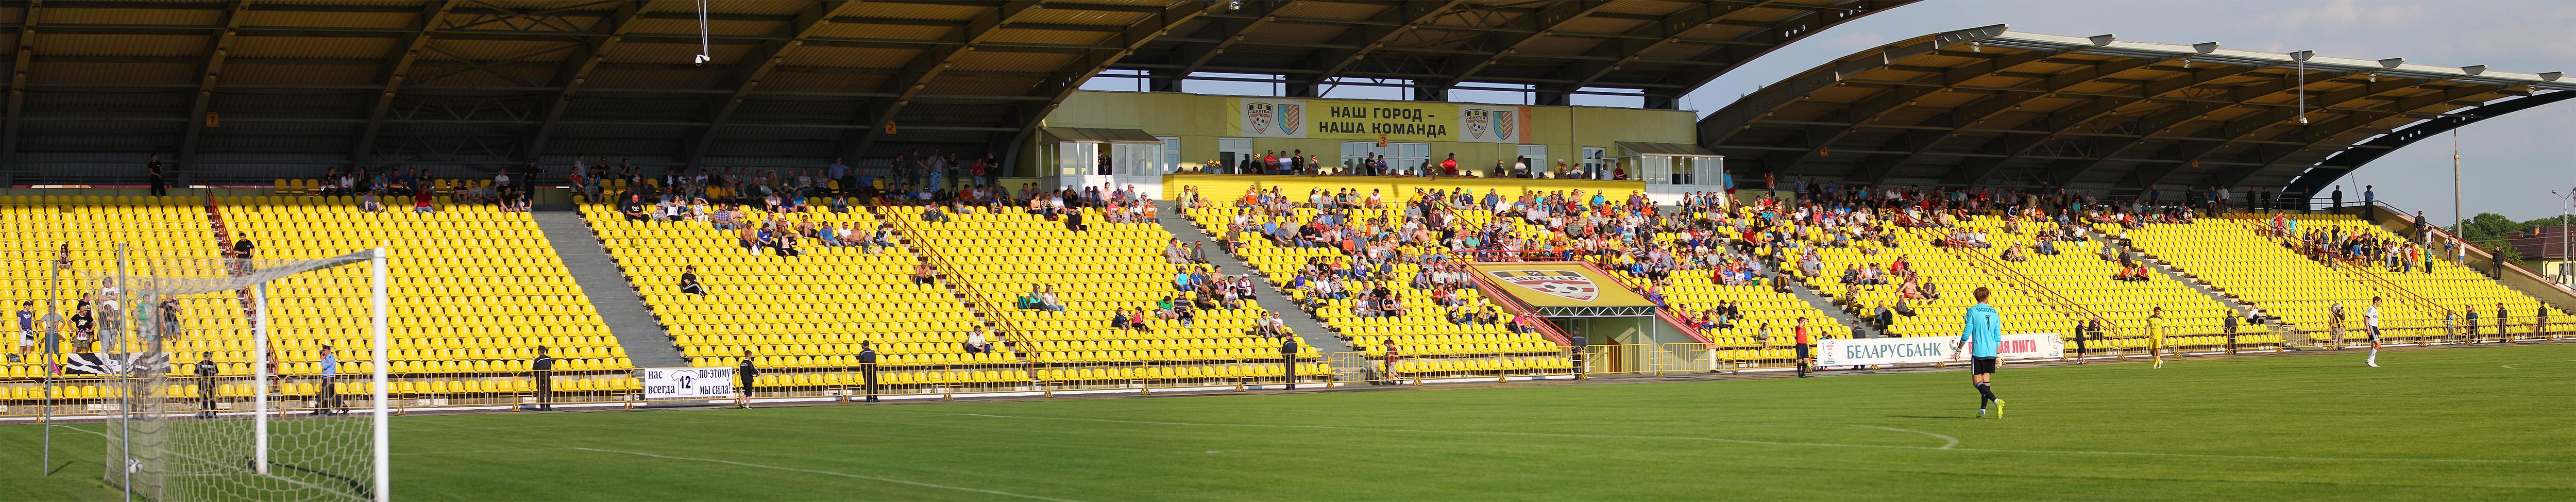 Трибуны стадионов часто пустые («Шахтер» Солигорск)